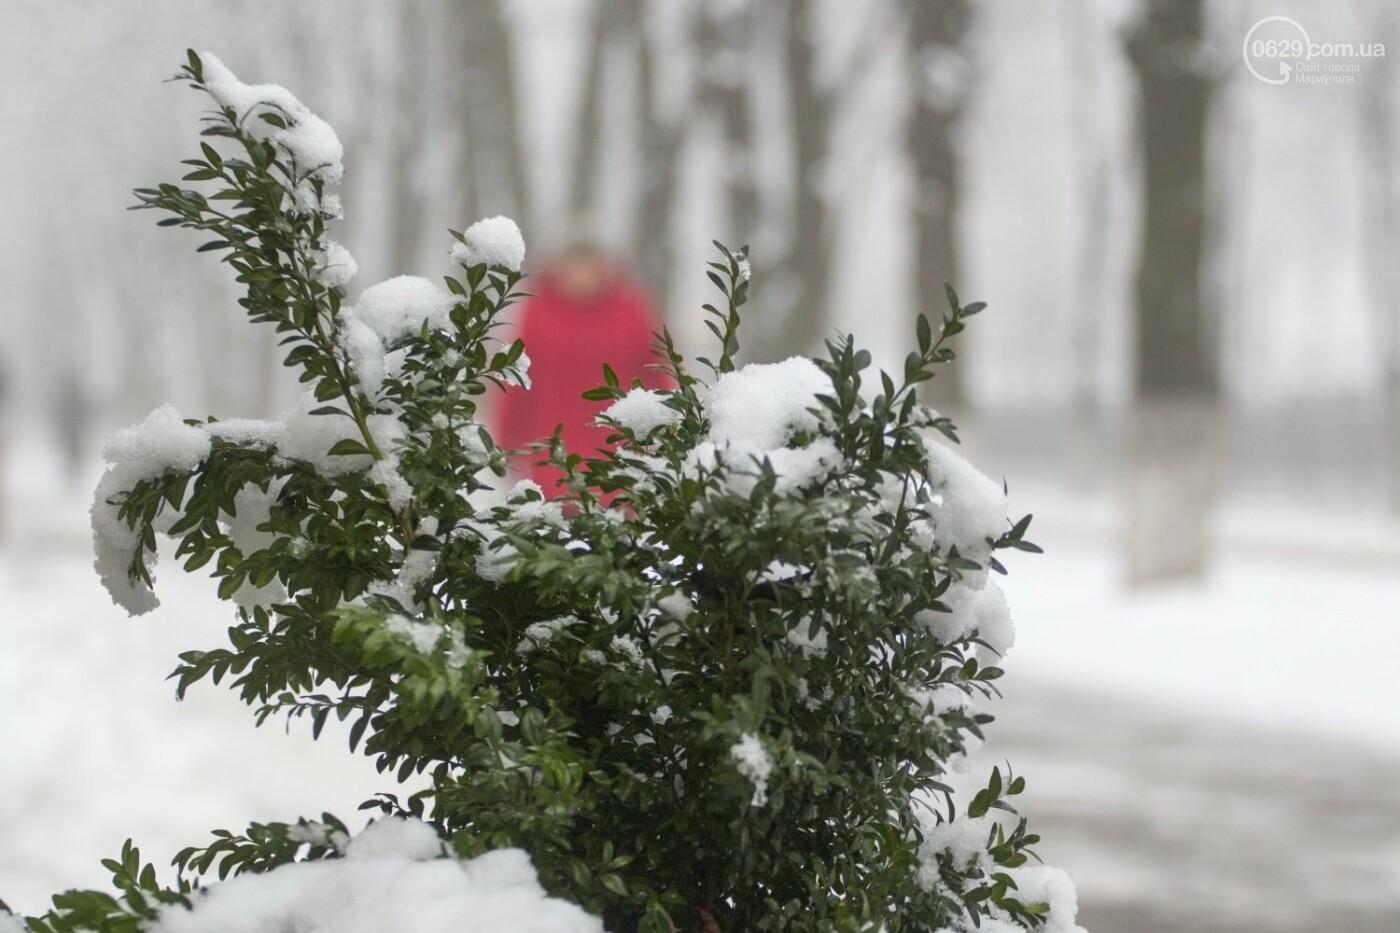 38 фотографий, одна ворона и одна синица... ФОТОРЕПОРТАЖ для тех, кто проспал первый настоящий снег, фото-11